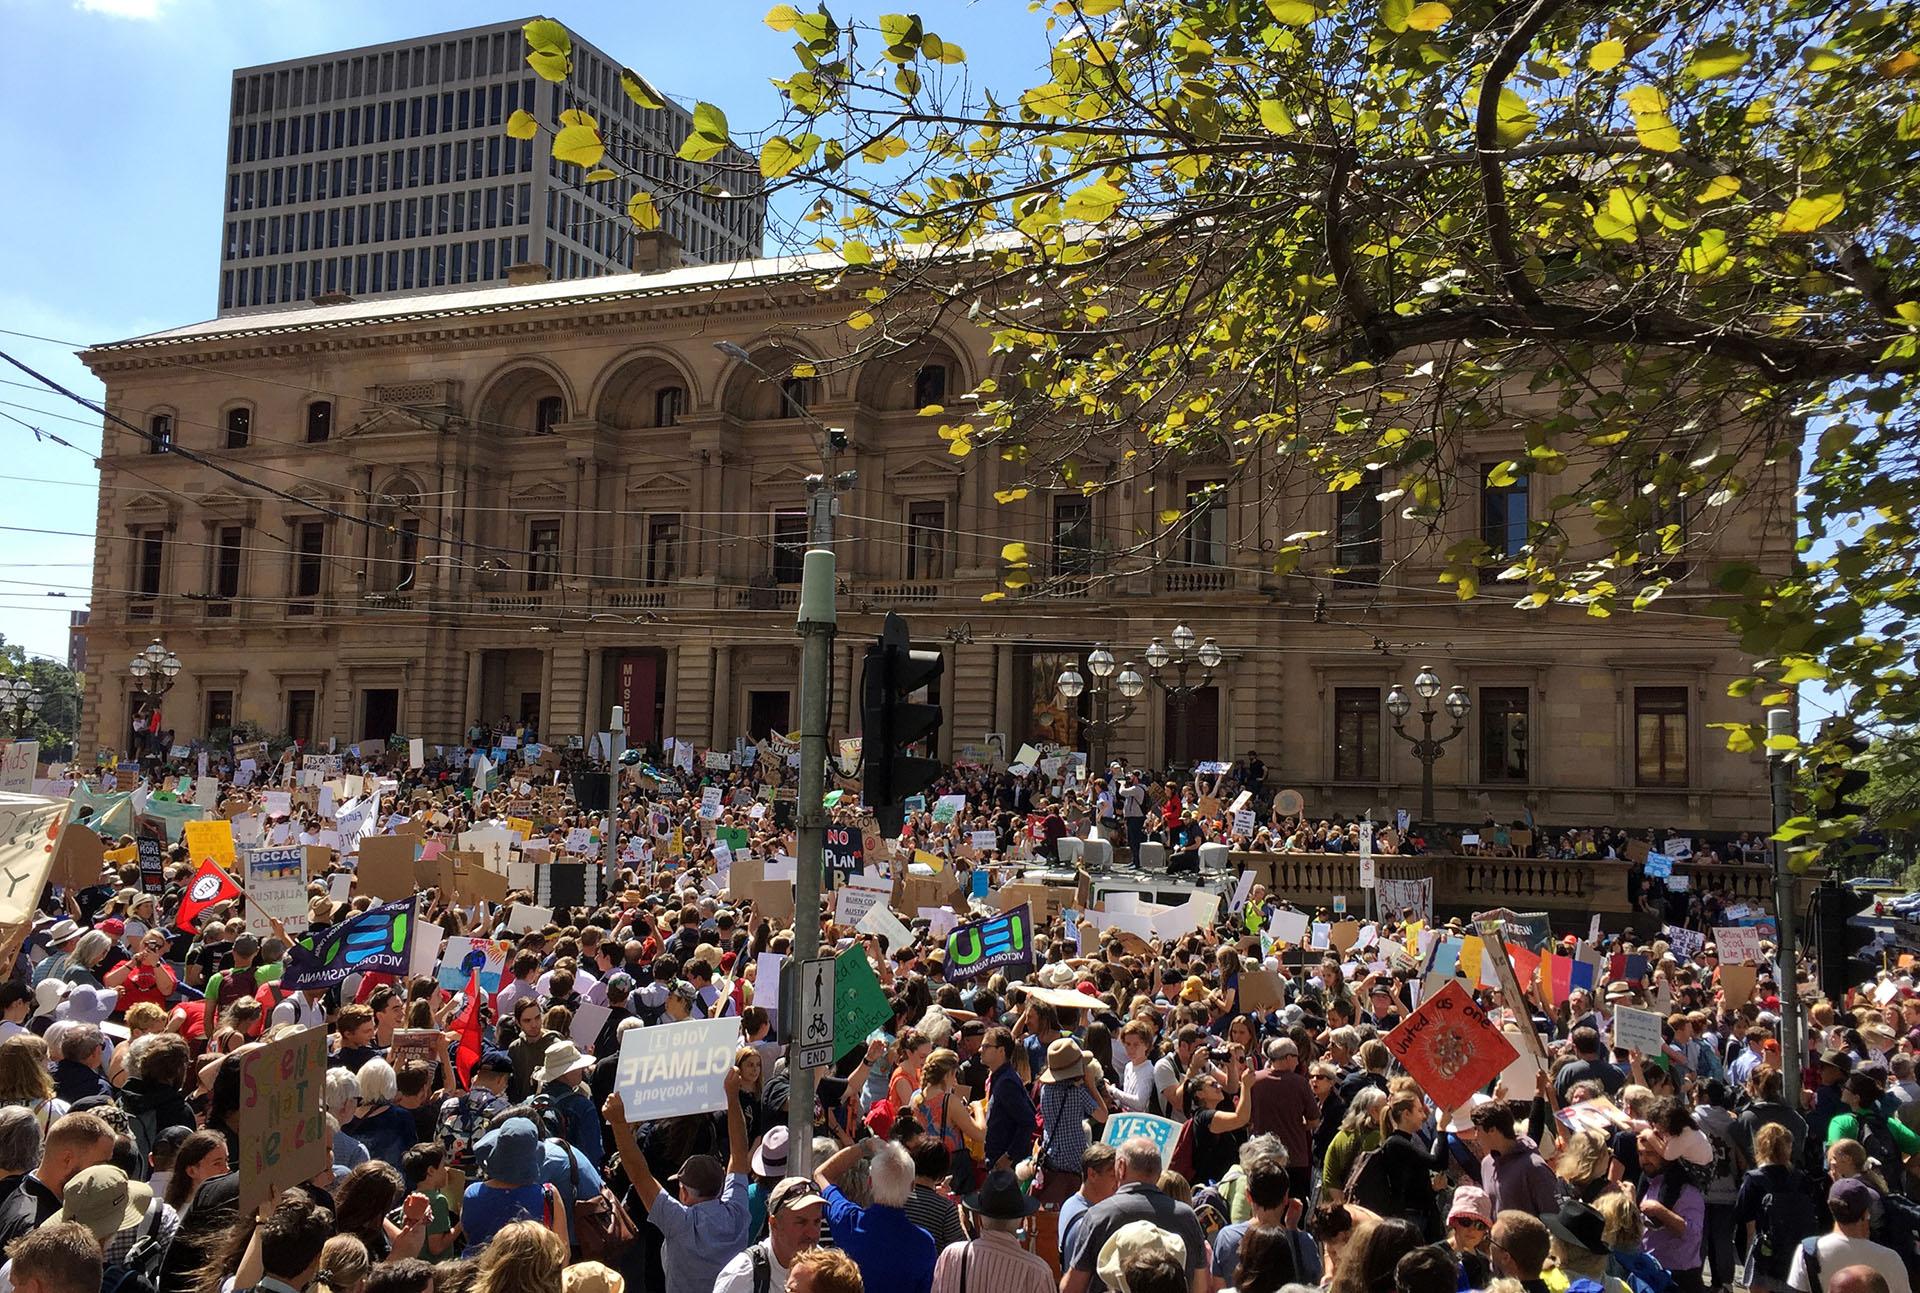 Por su ubicación en el globo, Melbourne, Australia, fue la primera primera gran ciudad en sumarse a las manifestaciones